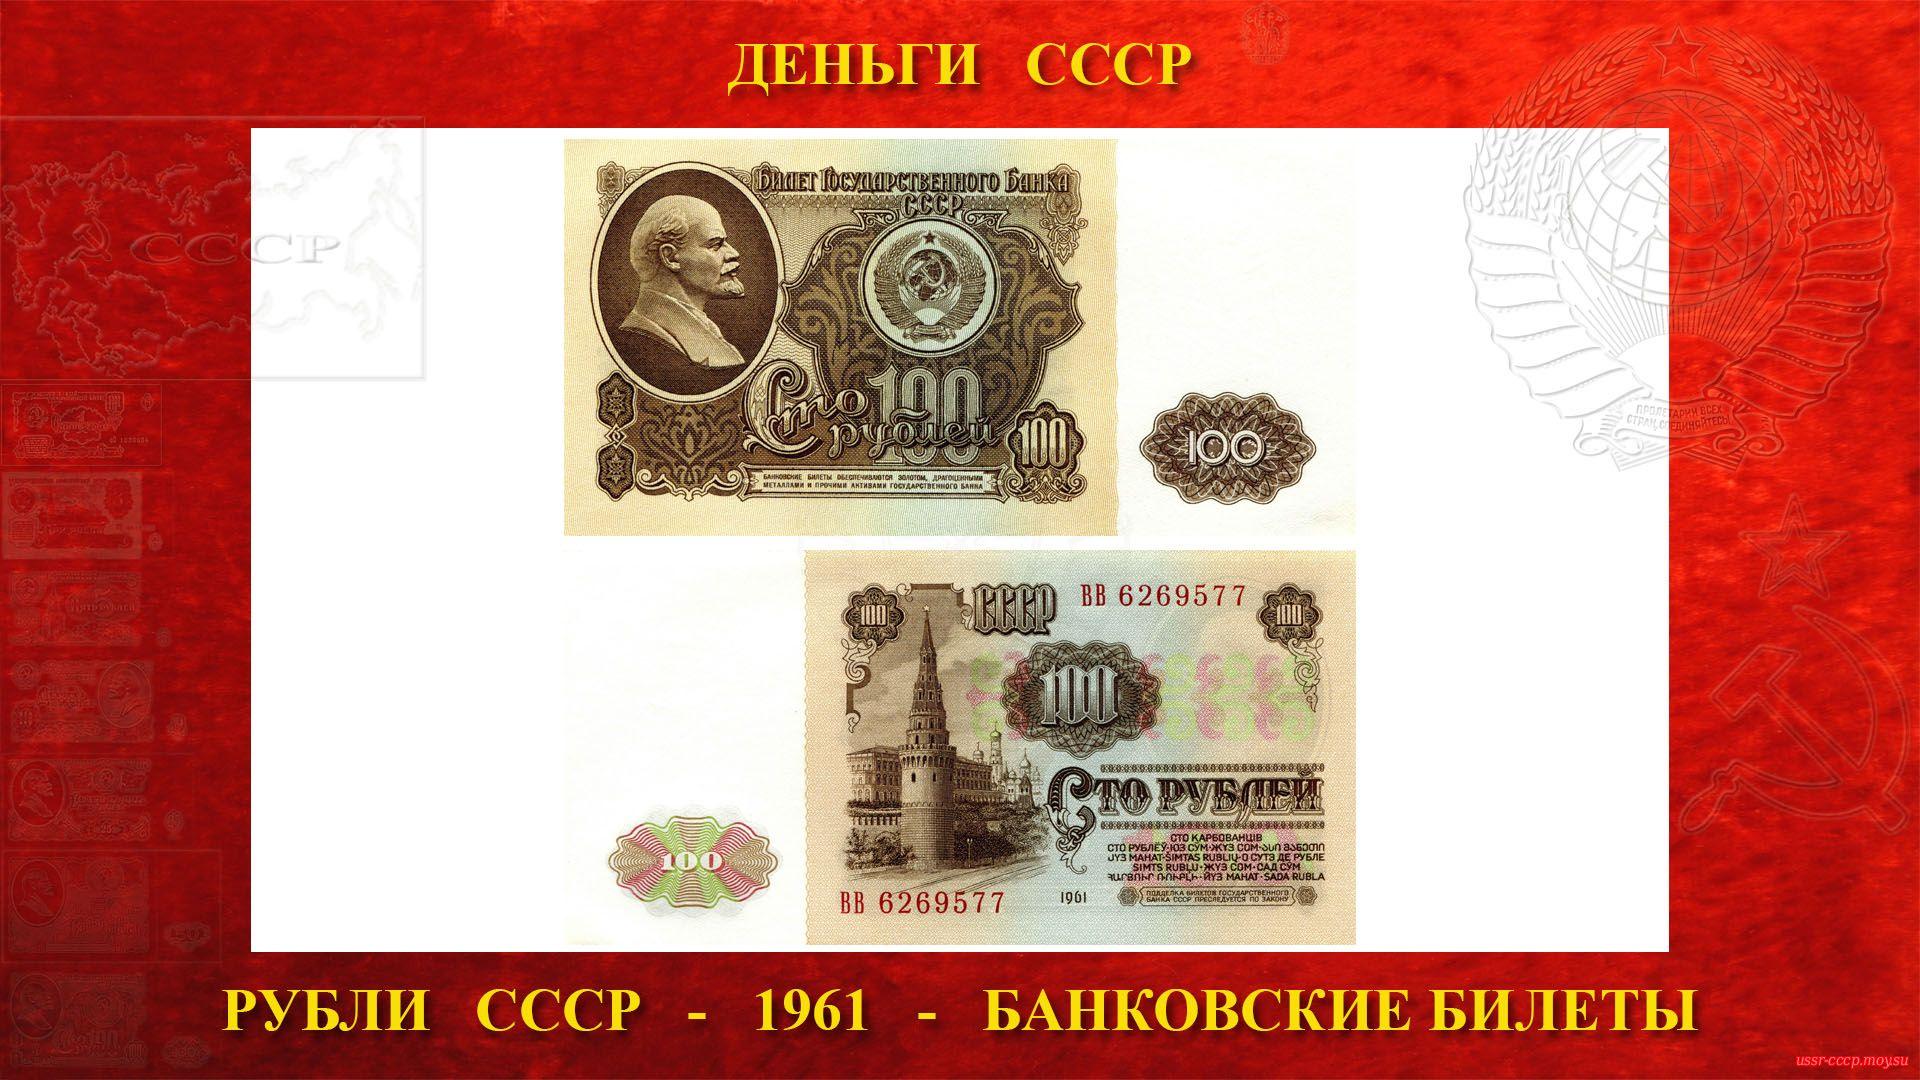 Сто (100) рублей СССР — Образца 1961 года (повествование)